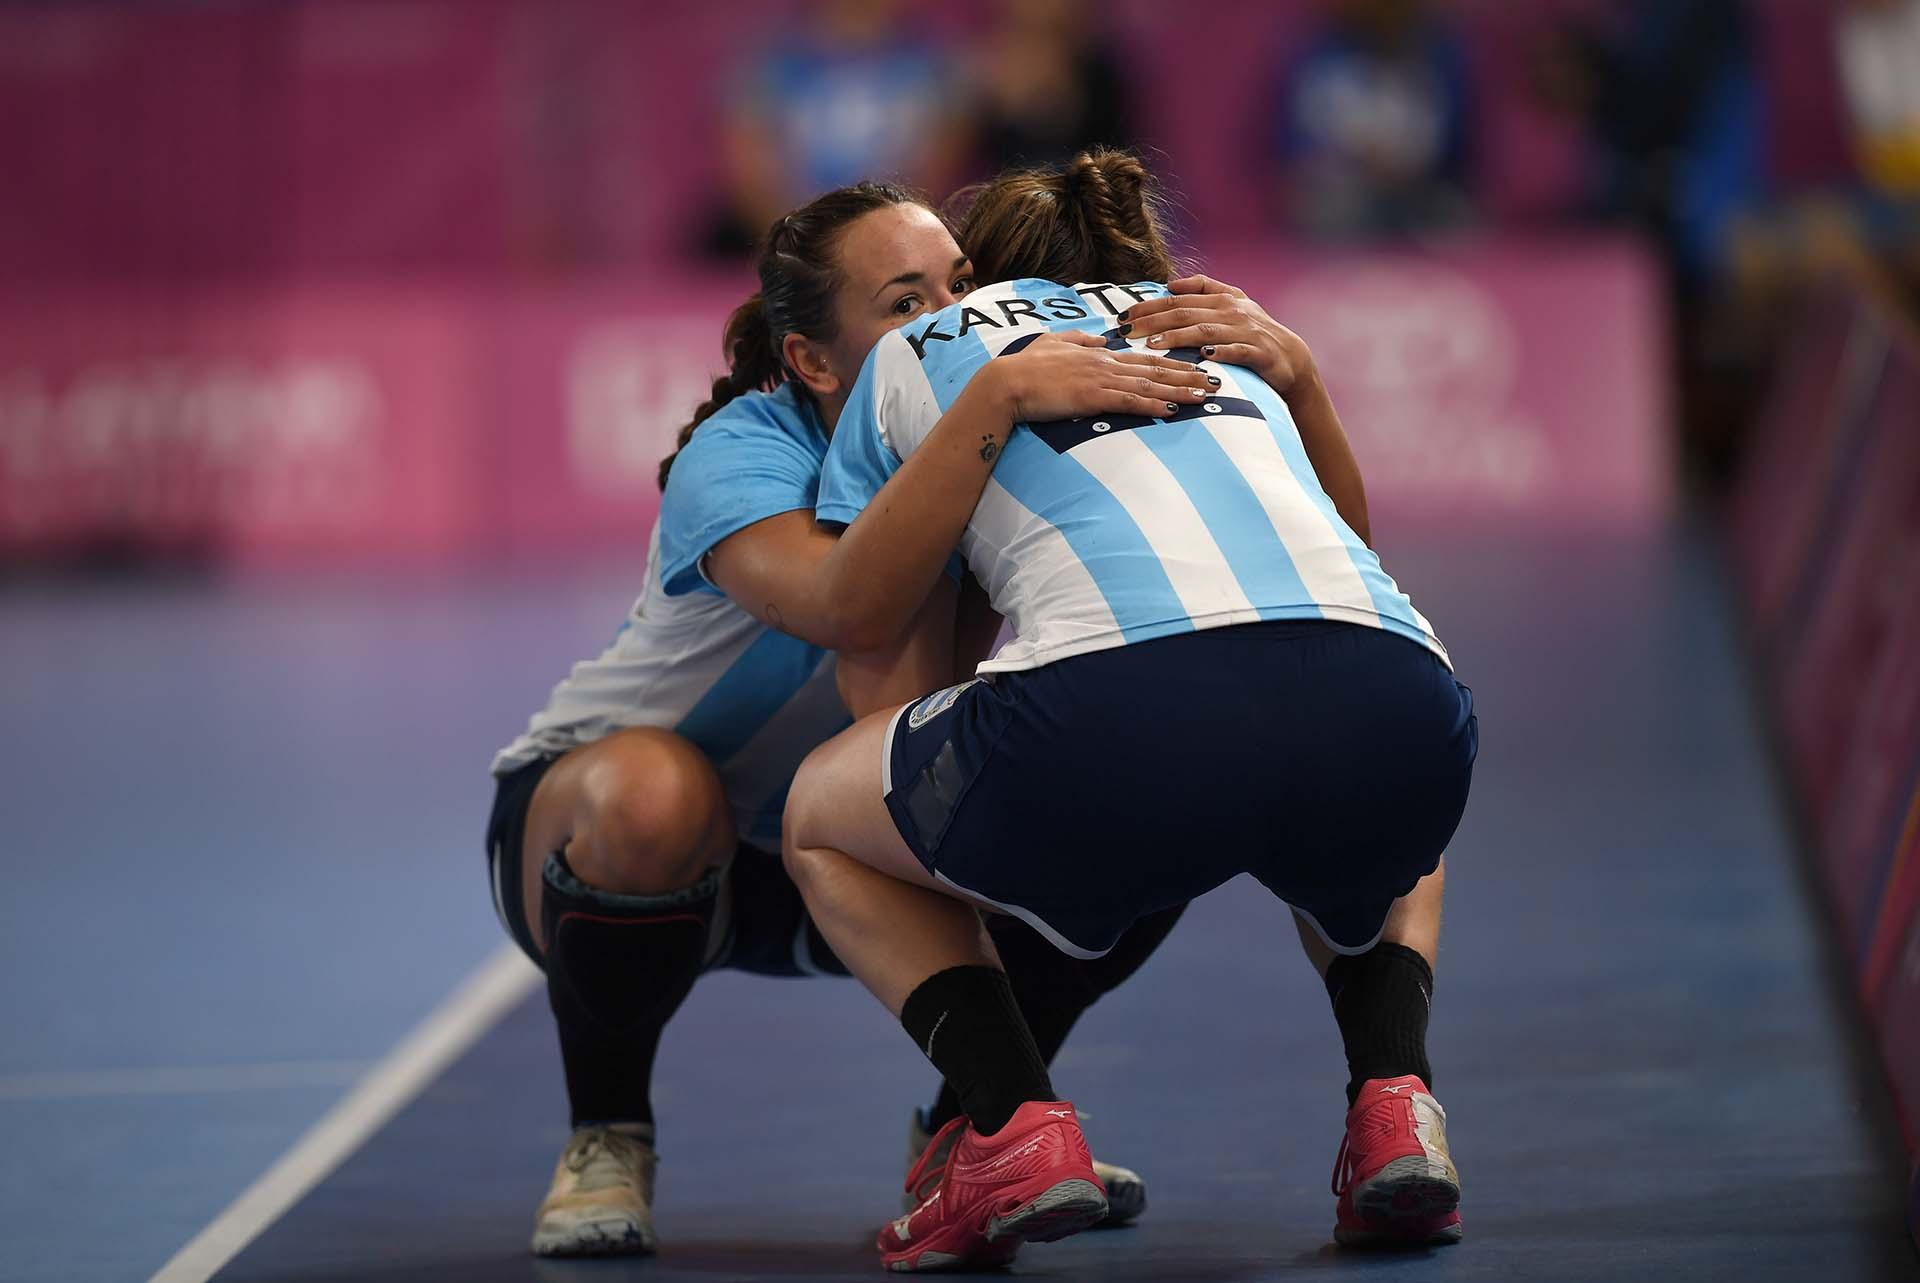 Las argentinasRocío Campigliy Elke Karstenluego de perder la medalla de Oro de Handball, ante las brasileñas.(Photo by Pedro PARDO / AFP)